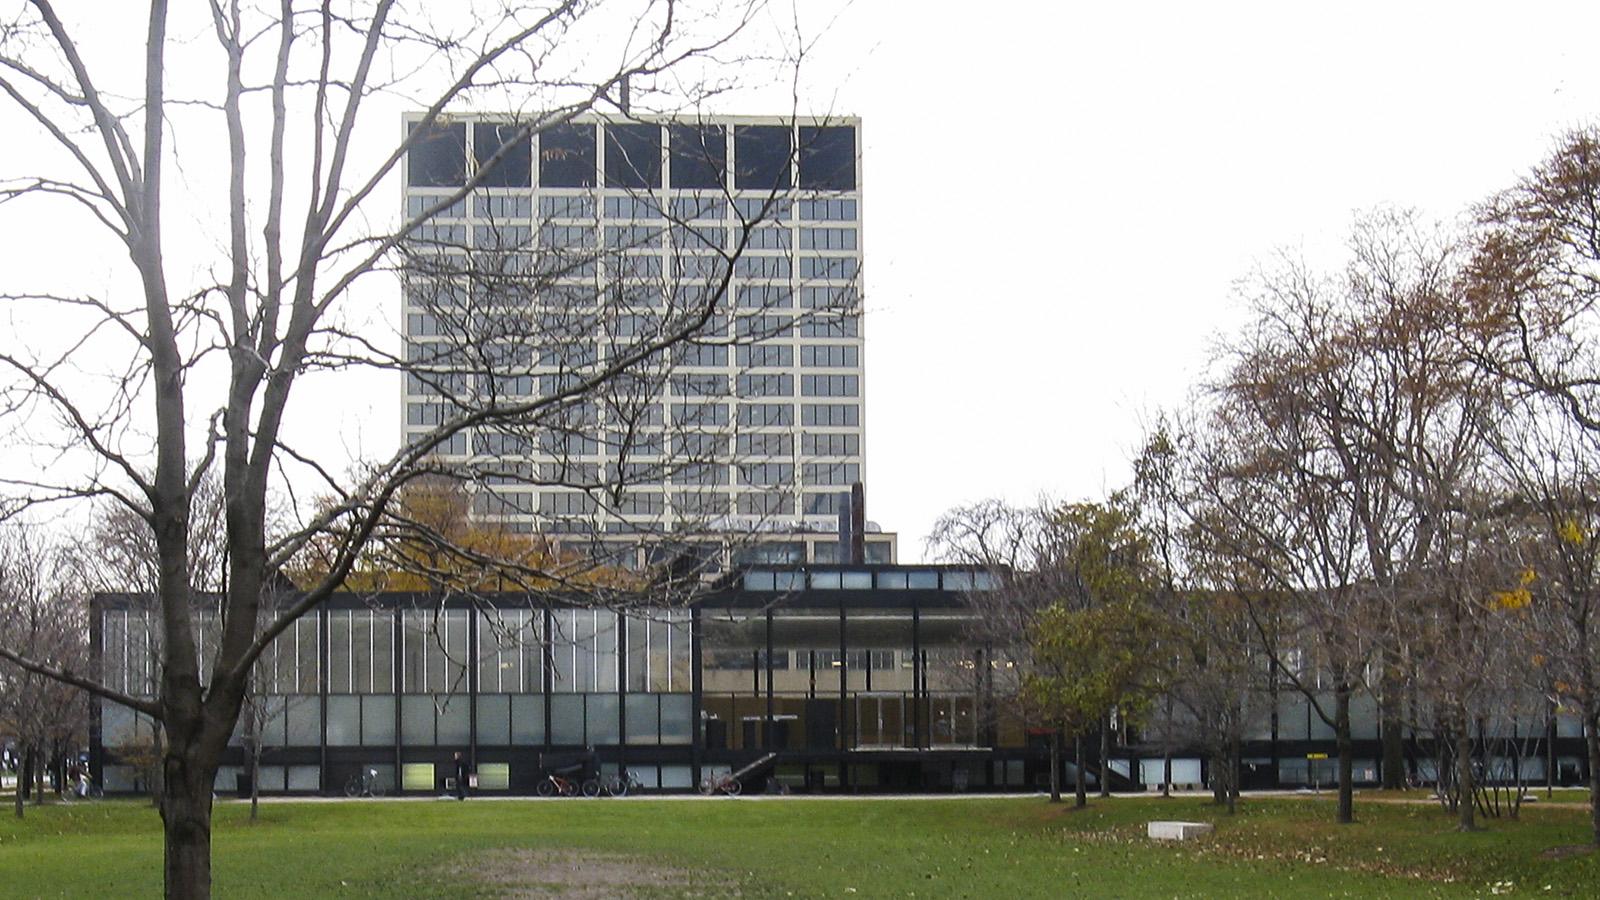 IL_Chicago_ILInstituteofTech_02_CharlesBirnbaum_2008_Signature.jpg